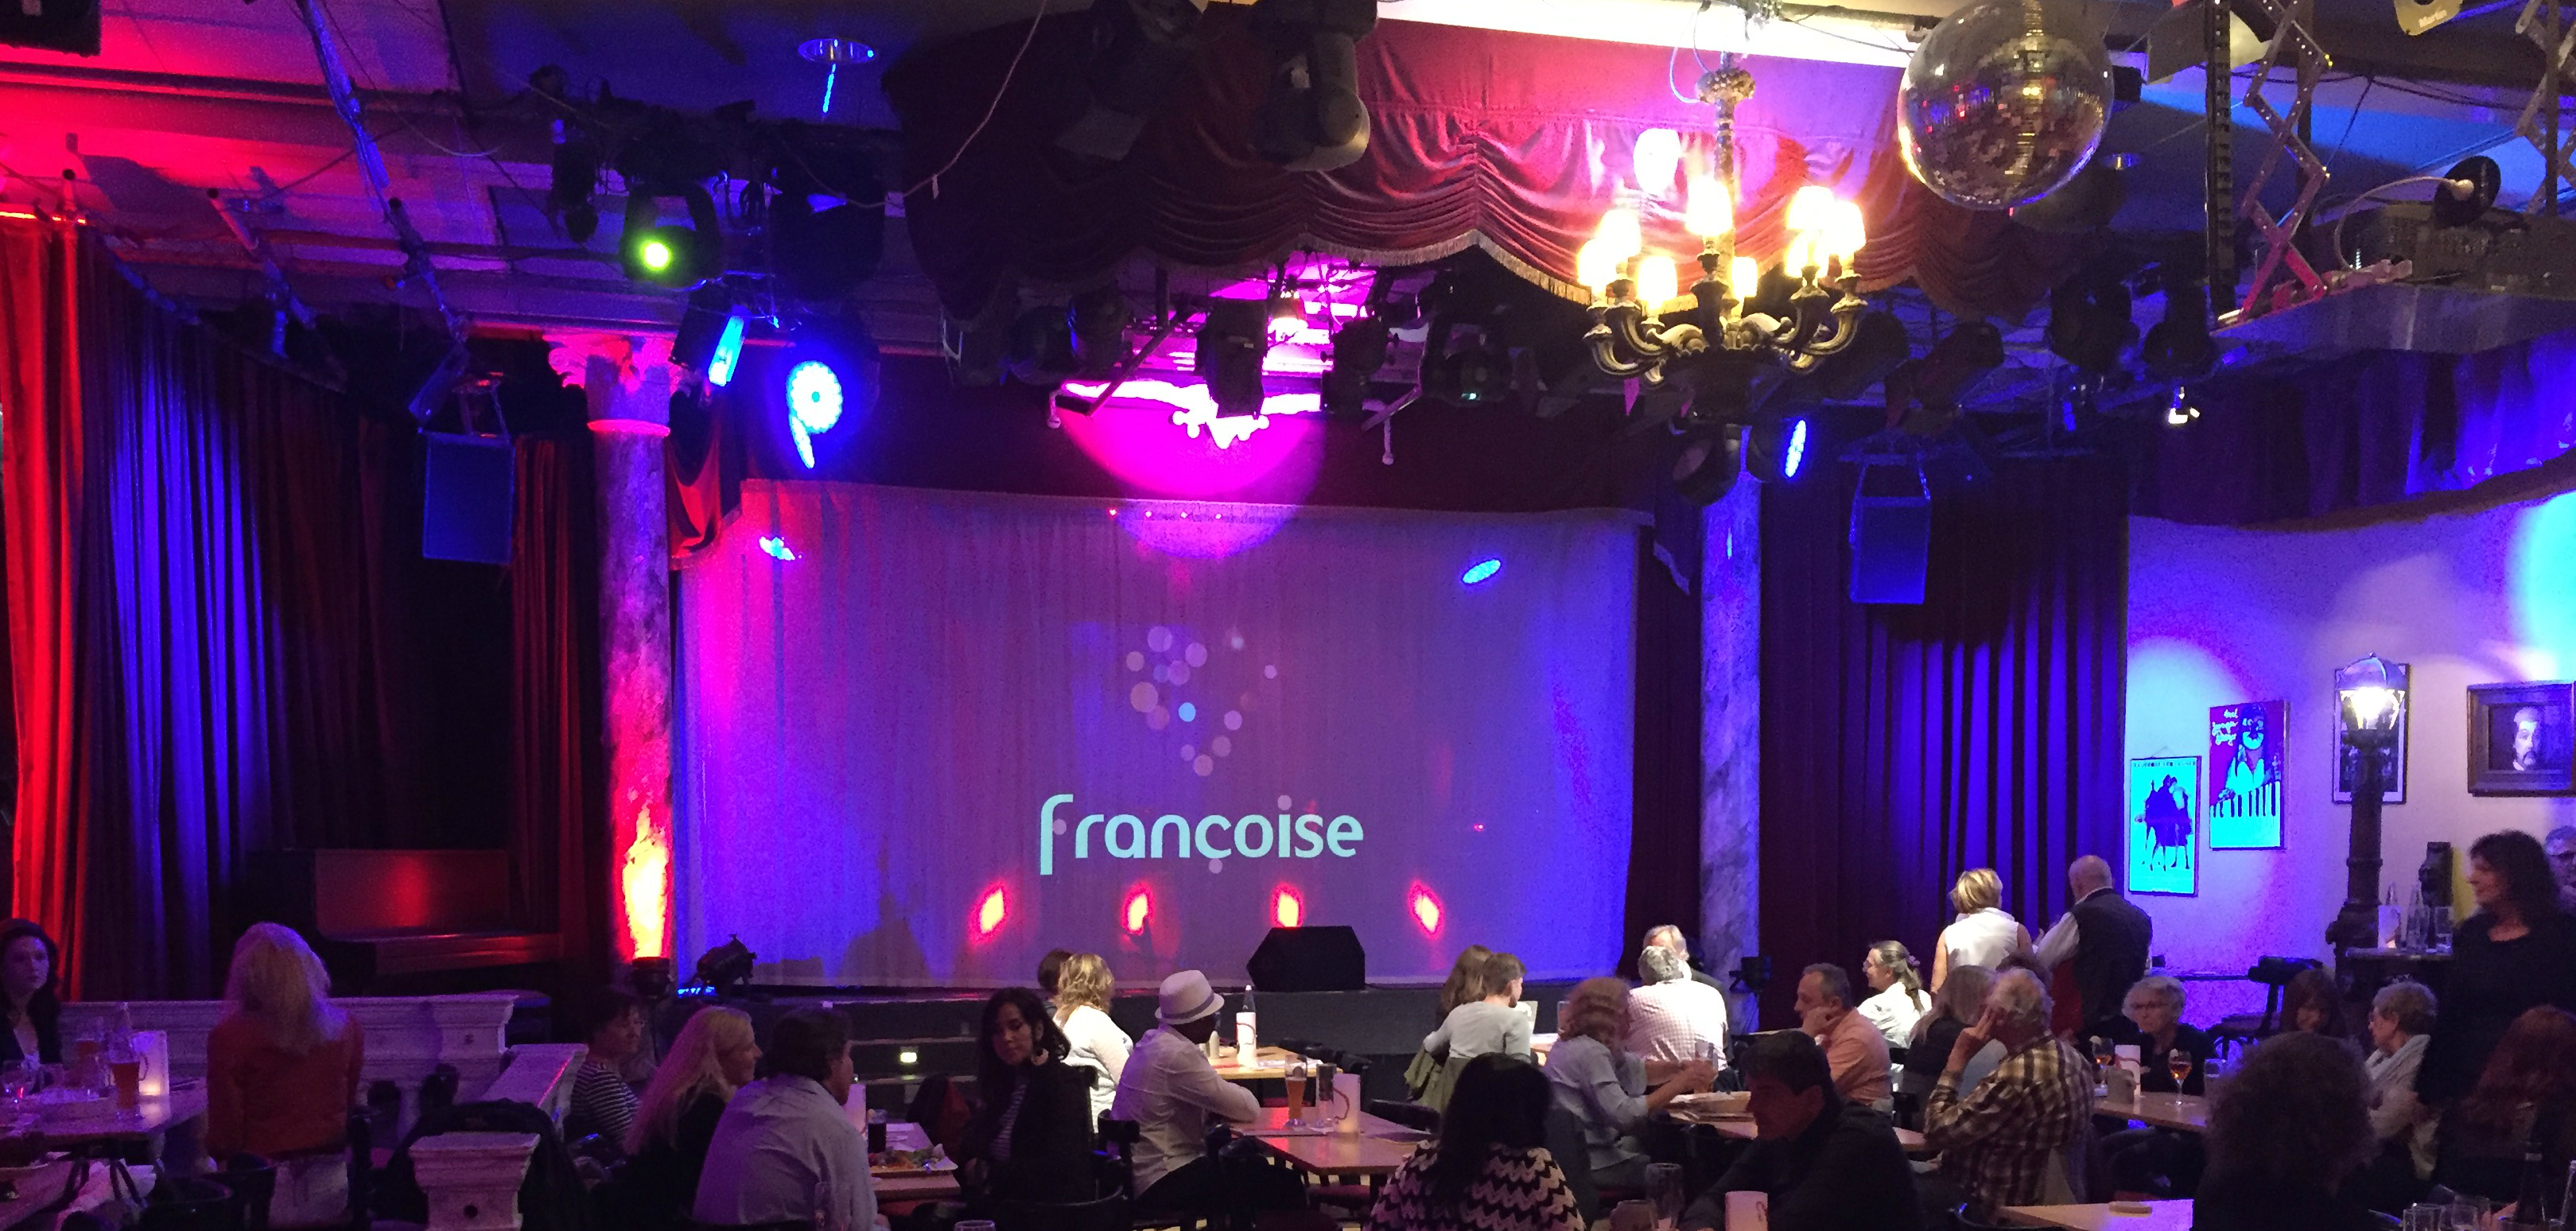 francoise im theater drehleier